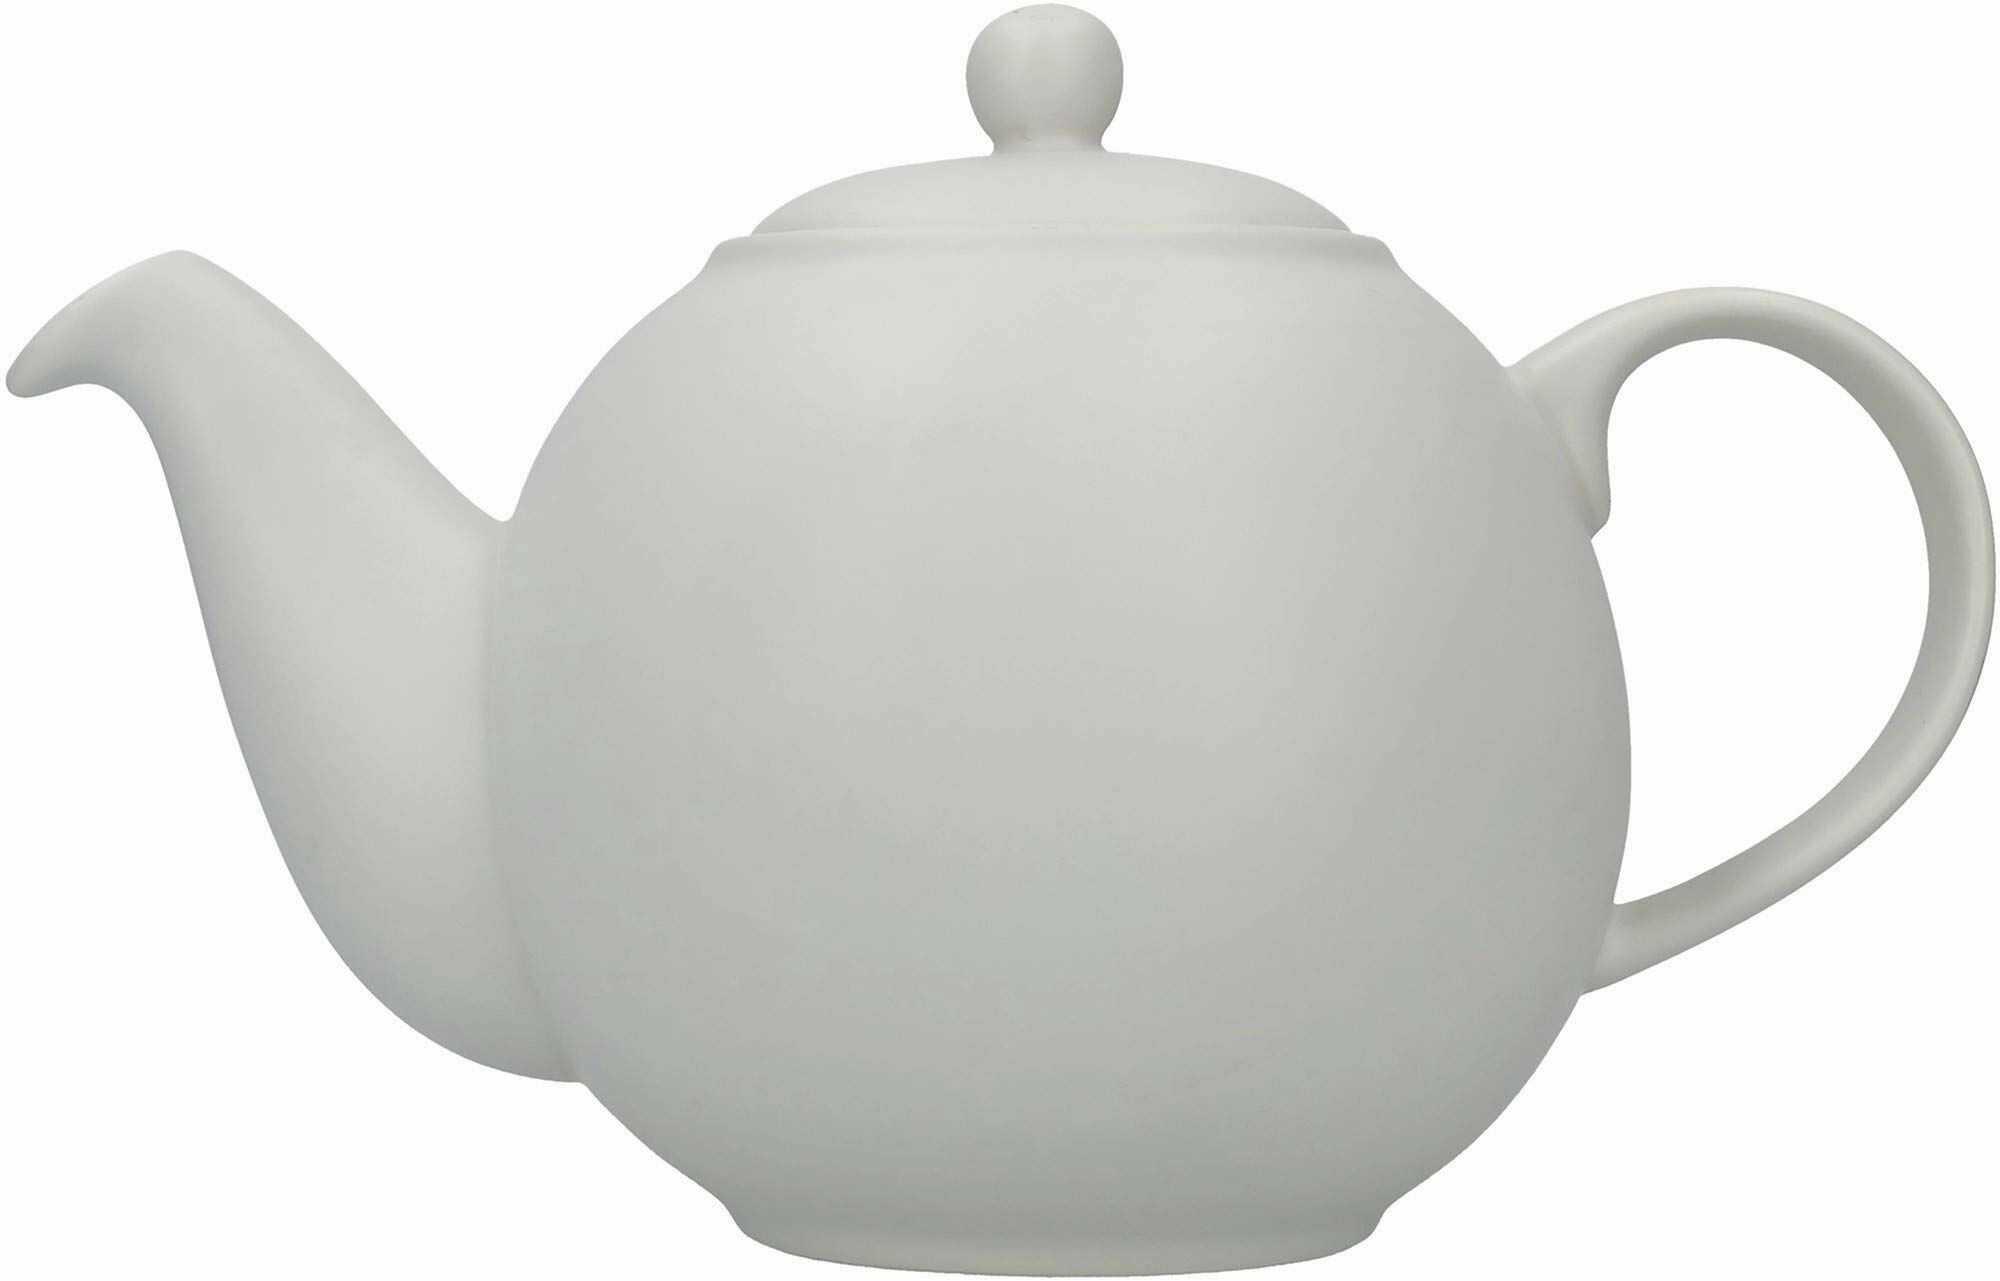 London Pottery Globe duży czajniczek z sitkiem w pudełku upominkowym, ceramiczny, skandynawski szary, 6 filiżanek (1,2 litra)